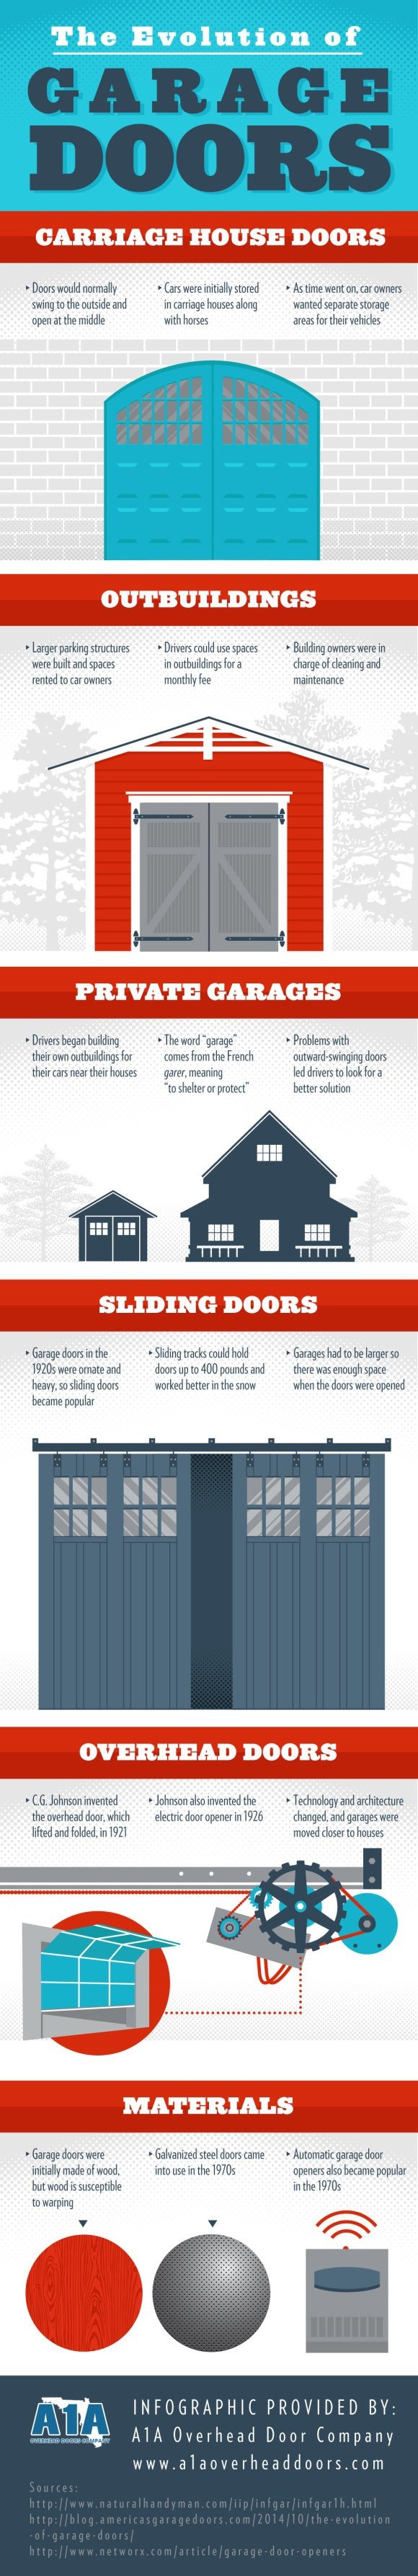 The Evolution Of Garage Doors Infographic